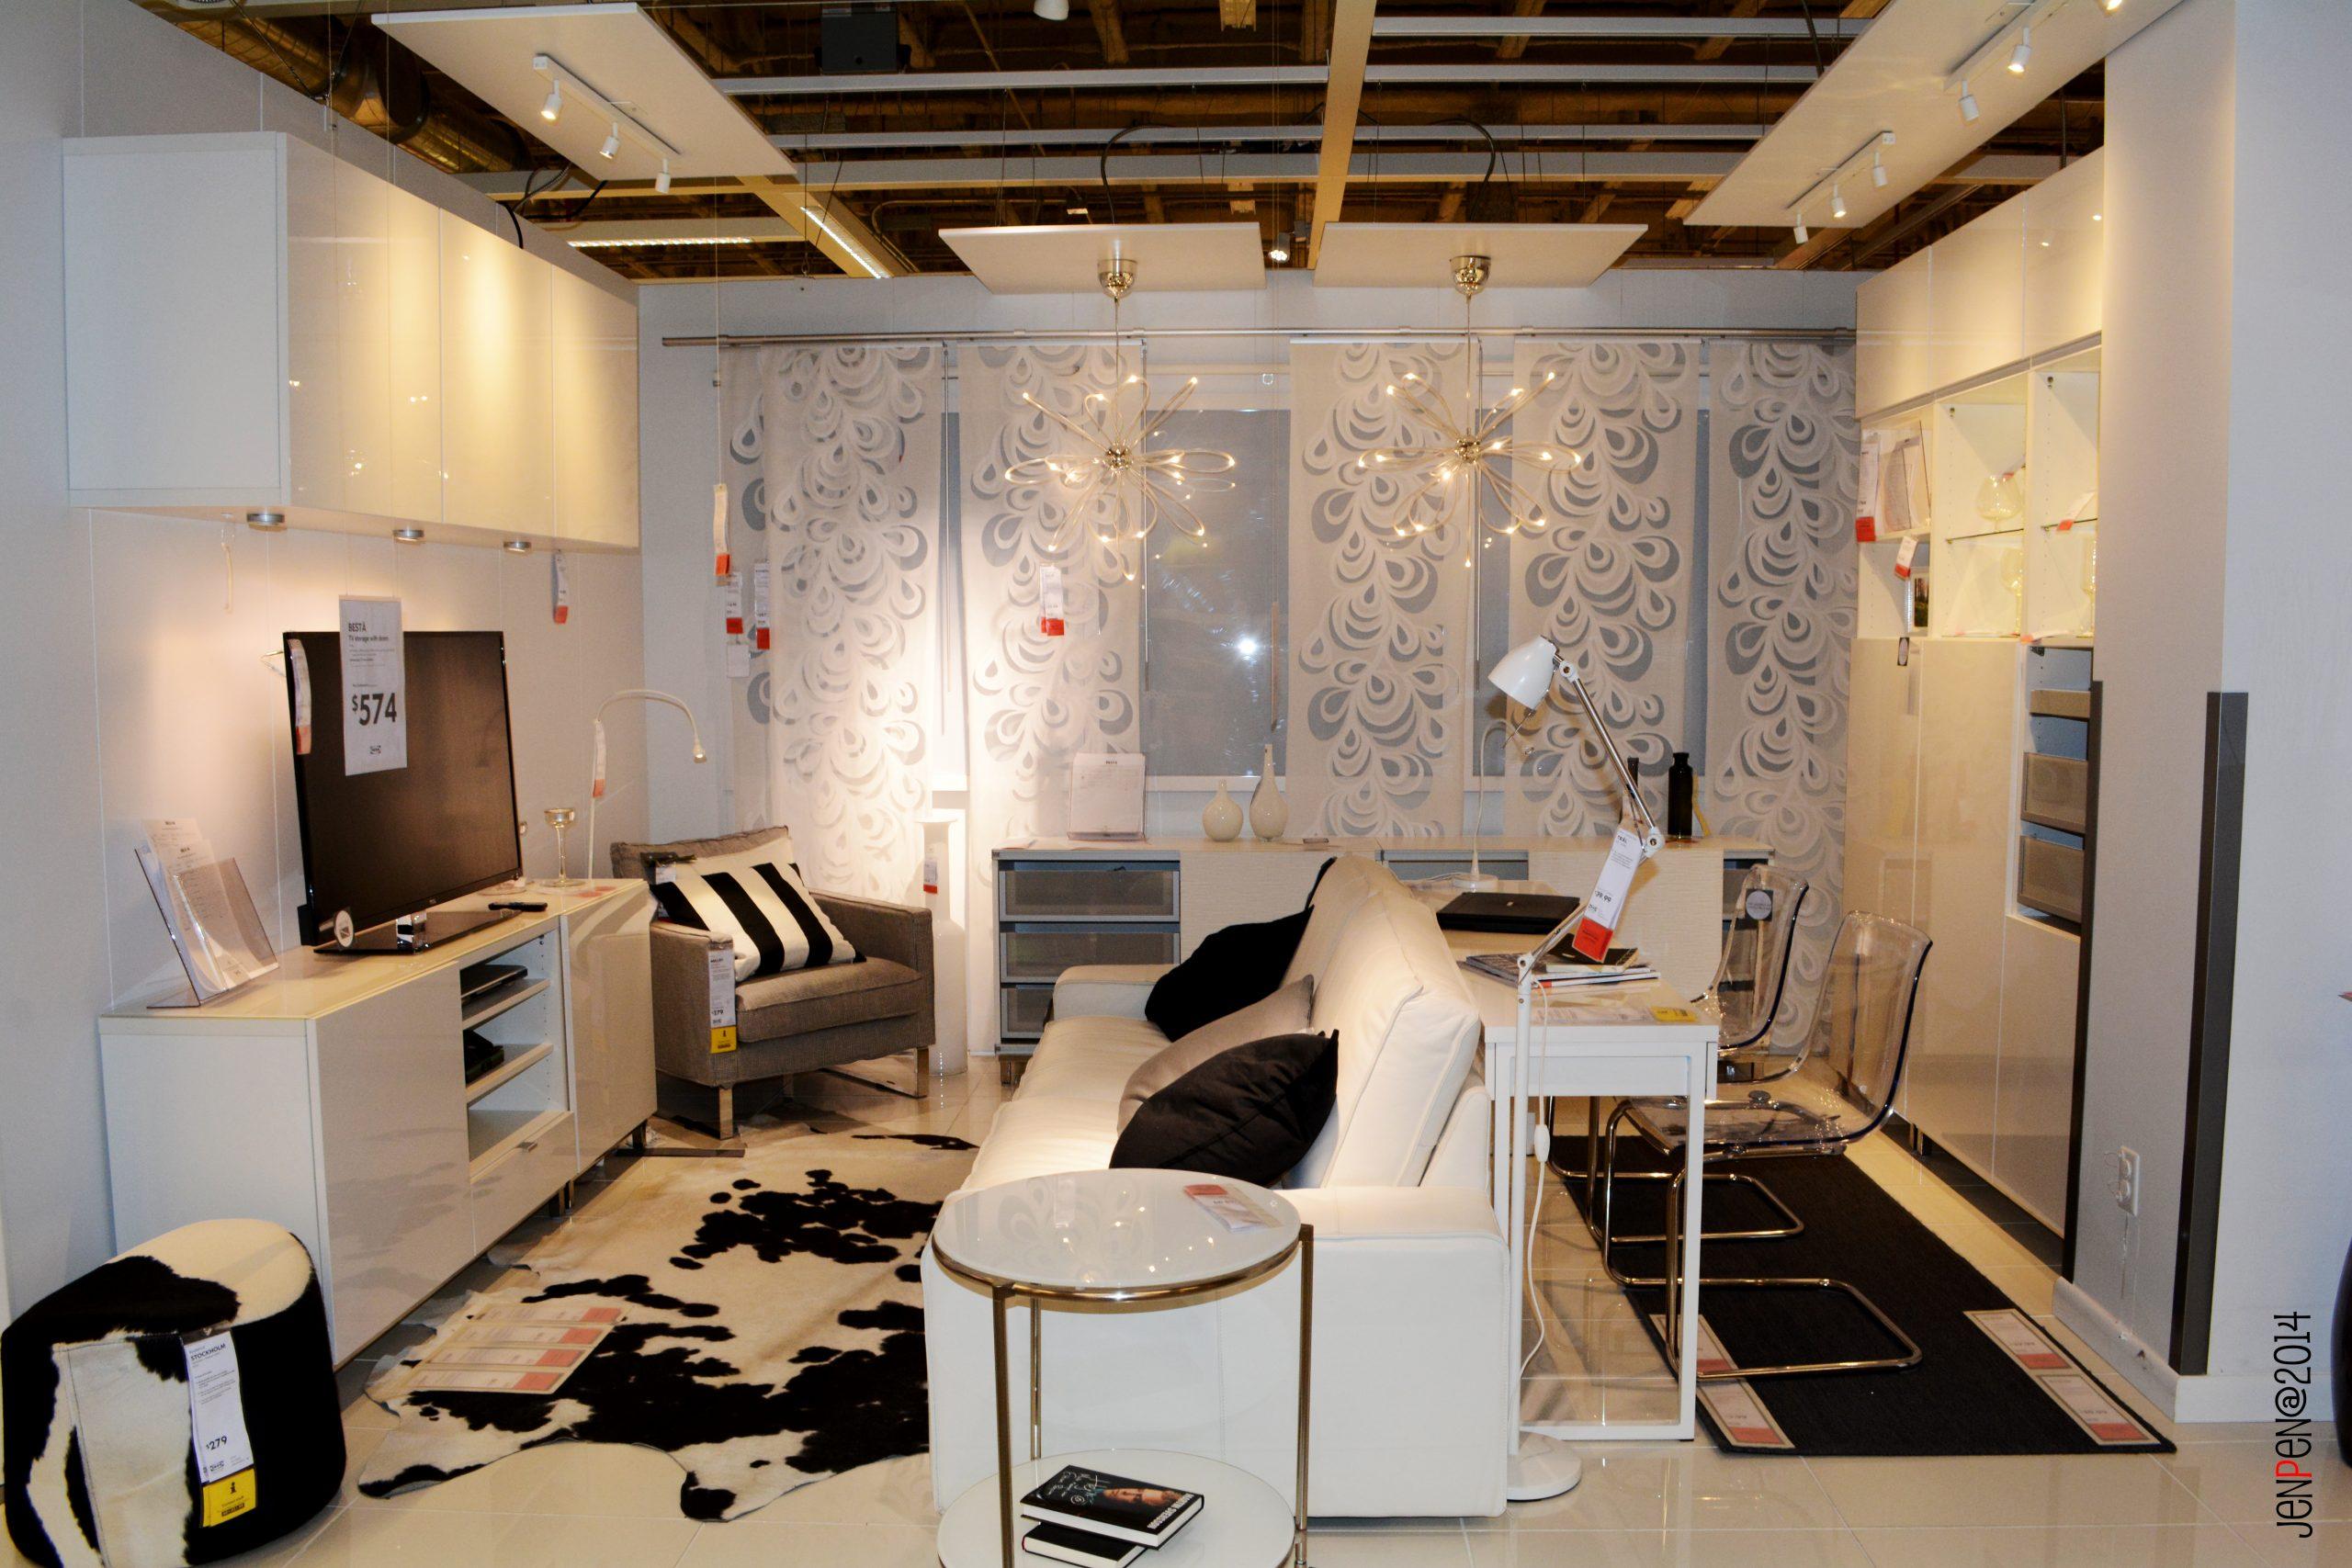 Store Tour : IKEA Miami (Sweetwater)